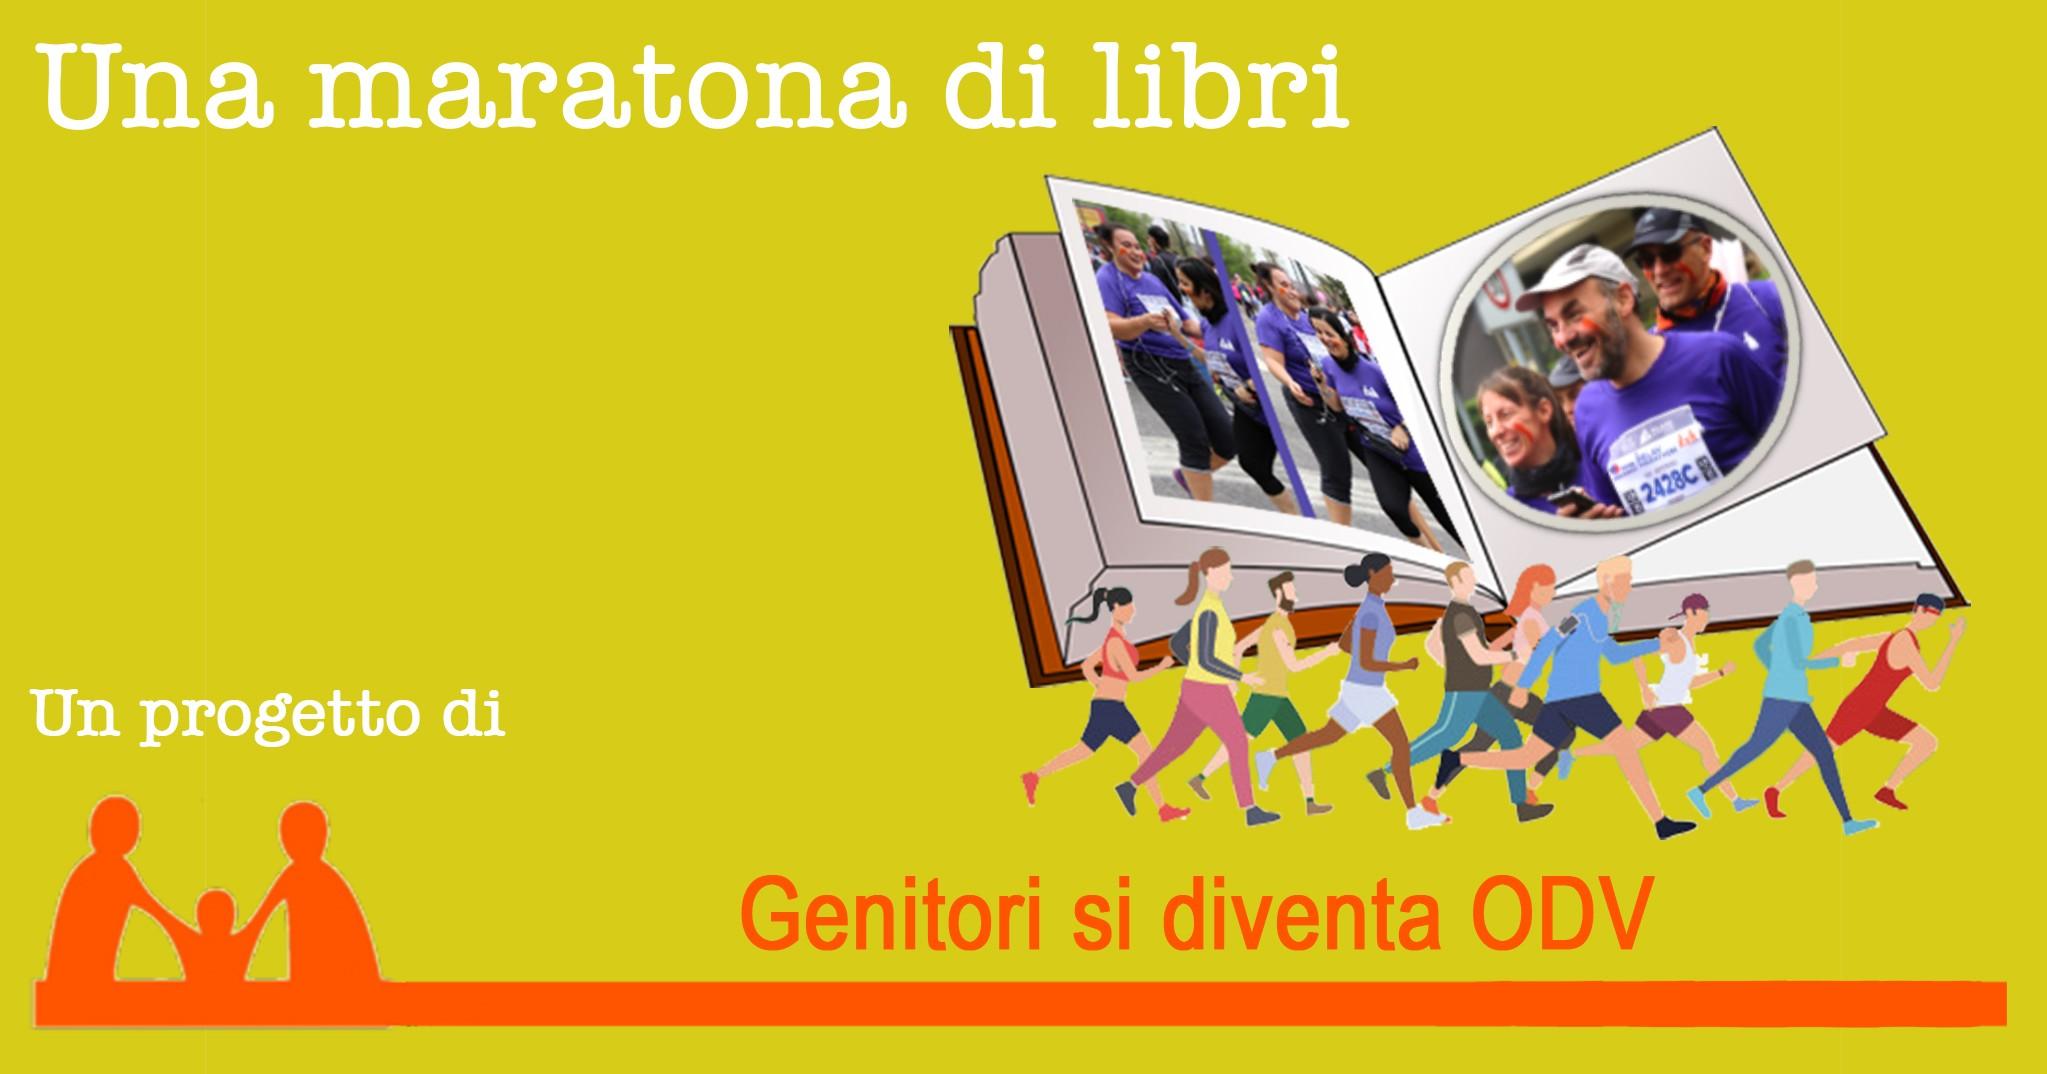 Una maratona di libri-GSD ODV